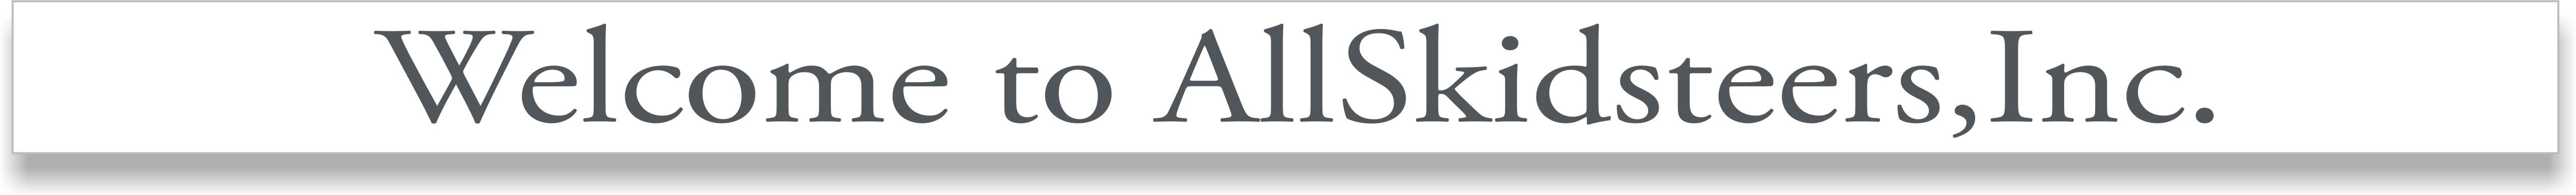 welcome-to-allskidsteers-inc.-banner.jpg6.jpg